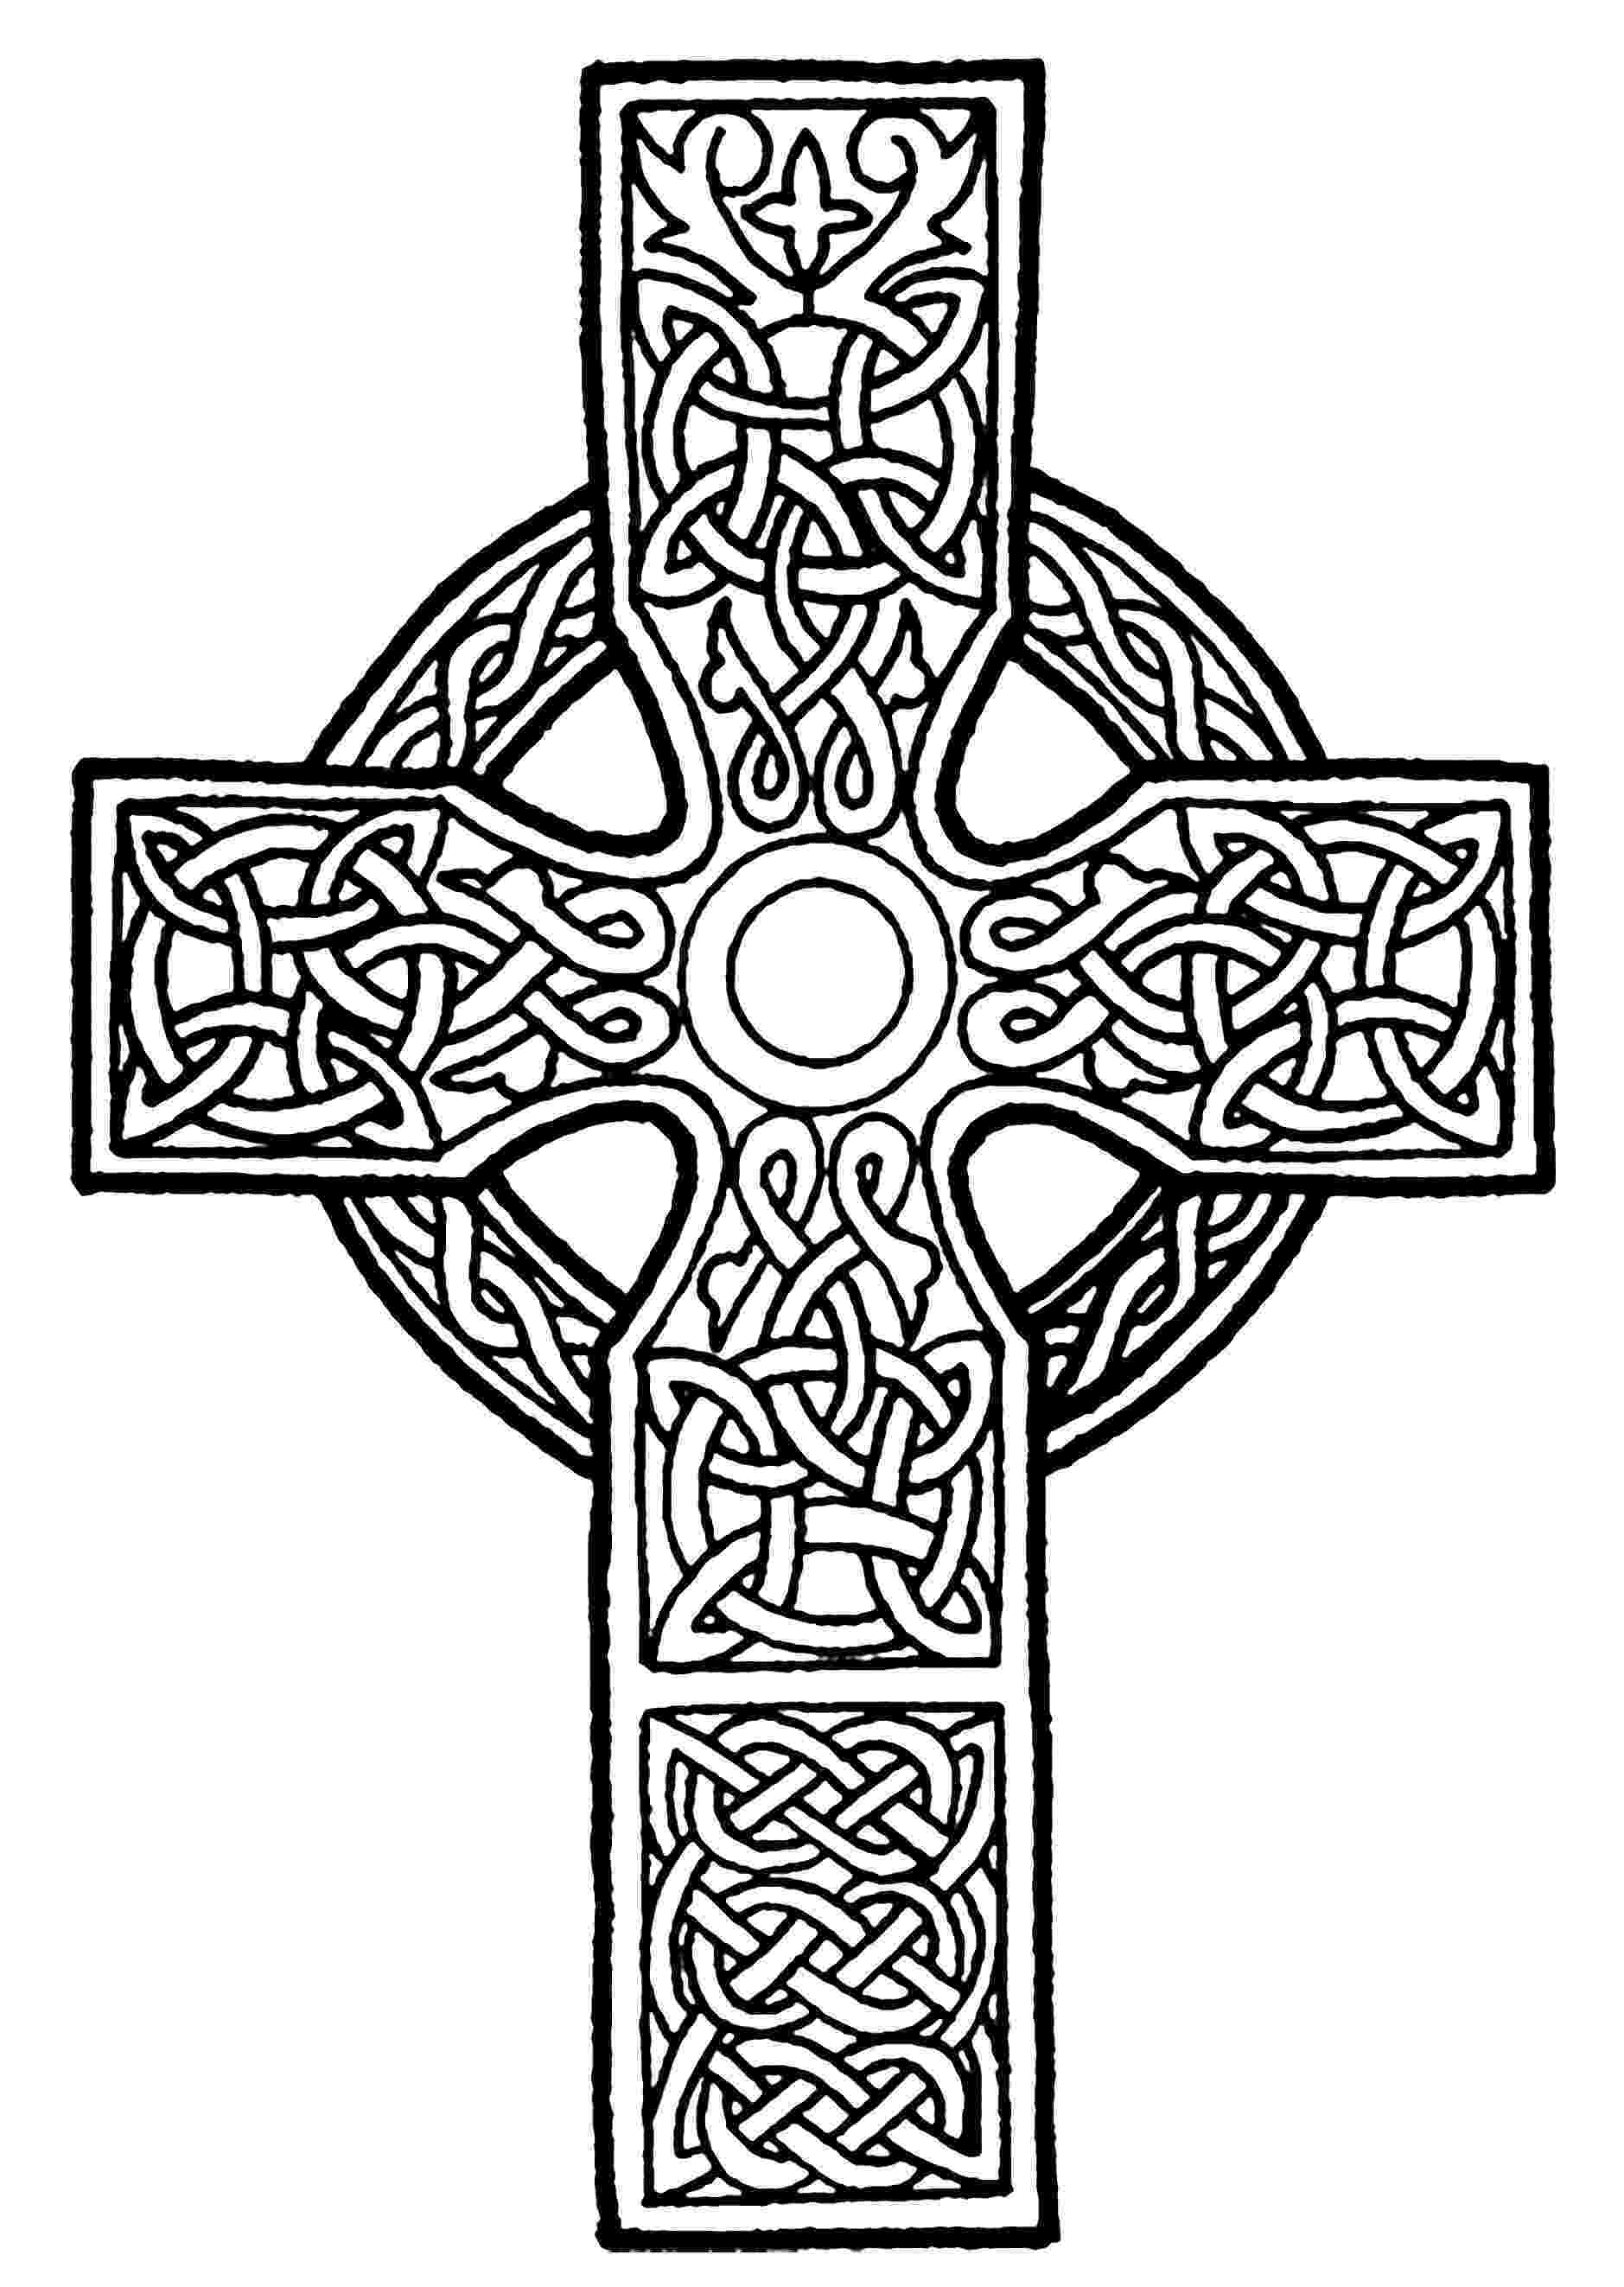 celtic art colouring pages celtic art 3 celtic art adult coloring pages pages colouring celtic art